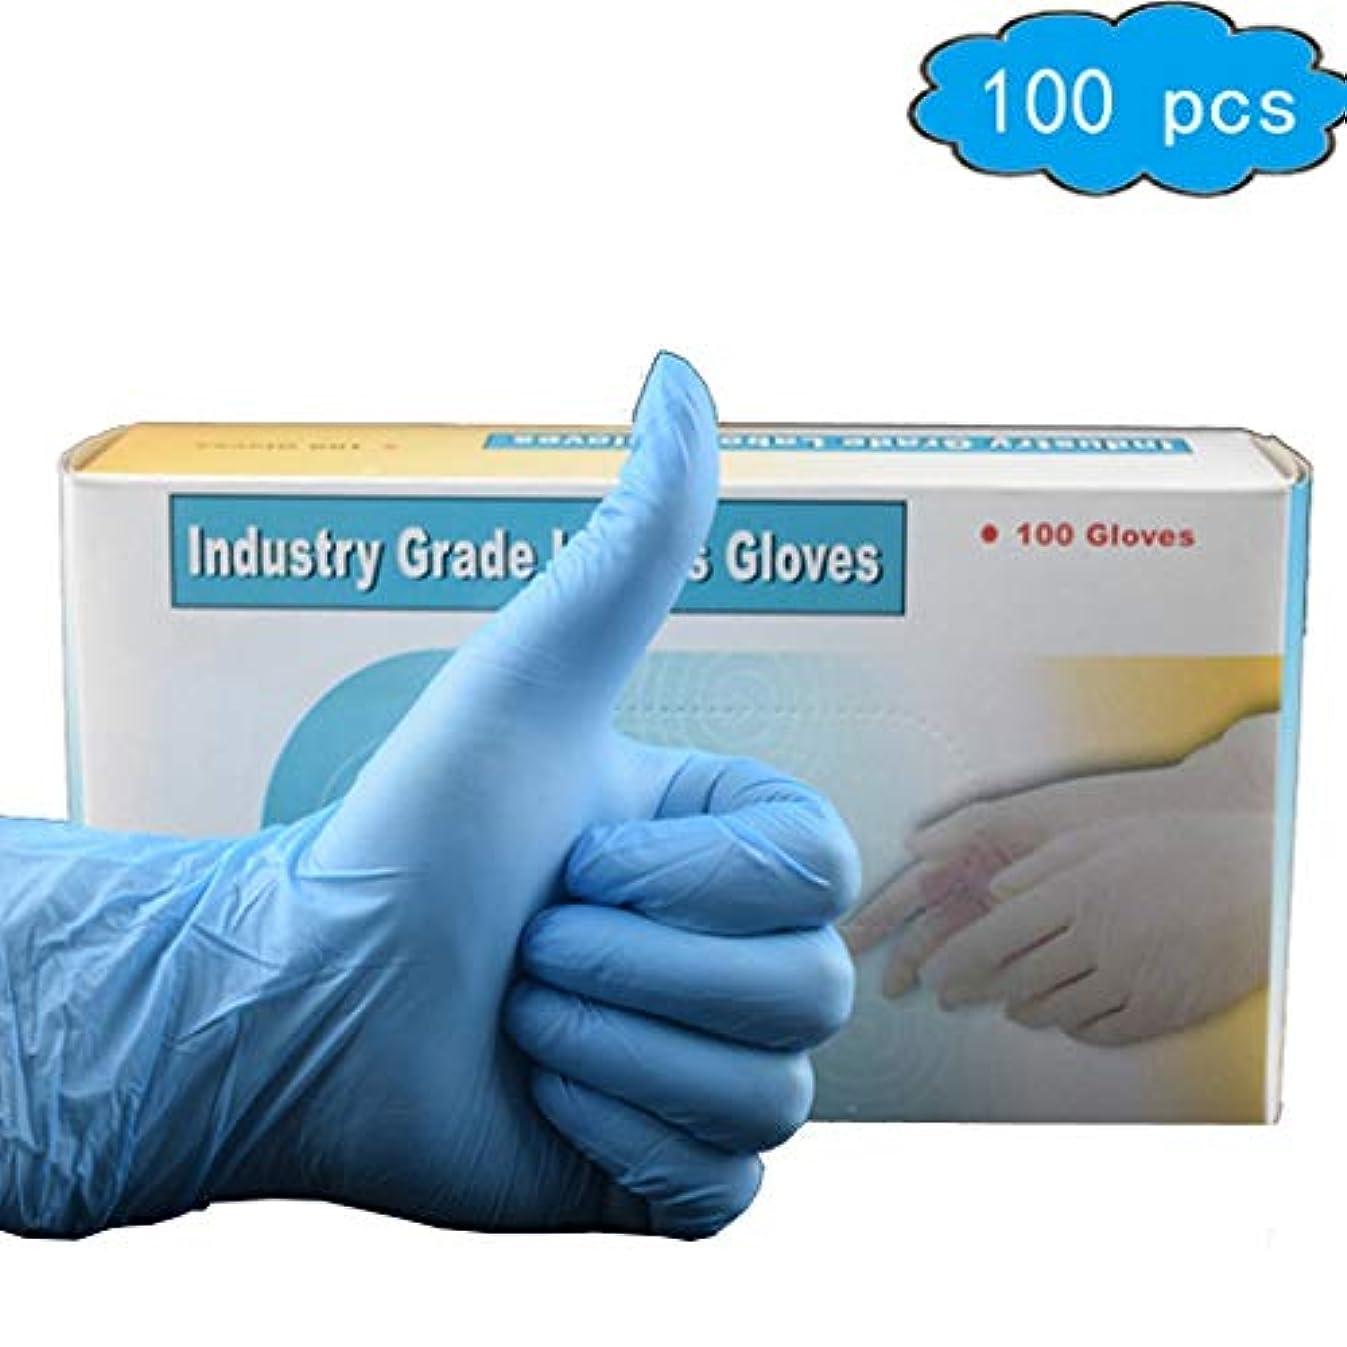 コマース赤道ポルノ使い捨て手袋、子供用使い捨て手袋、子供用ニトリル手袋 - 粉末なし、ラテックスなし、無臭、食品等級、アレルギー、質感のある指 - 100PCSブルー (Color : Blue, Size : L)